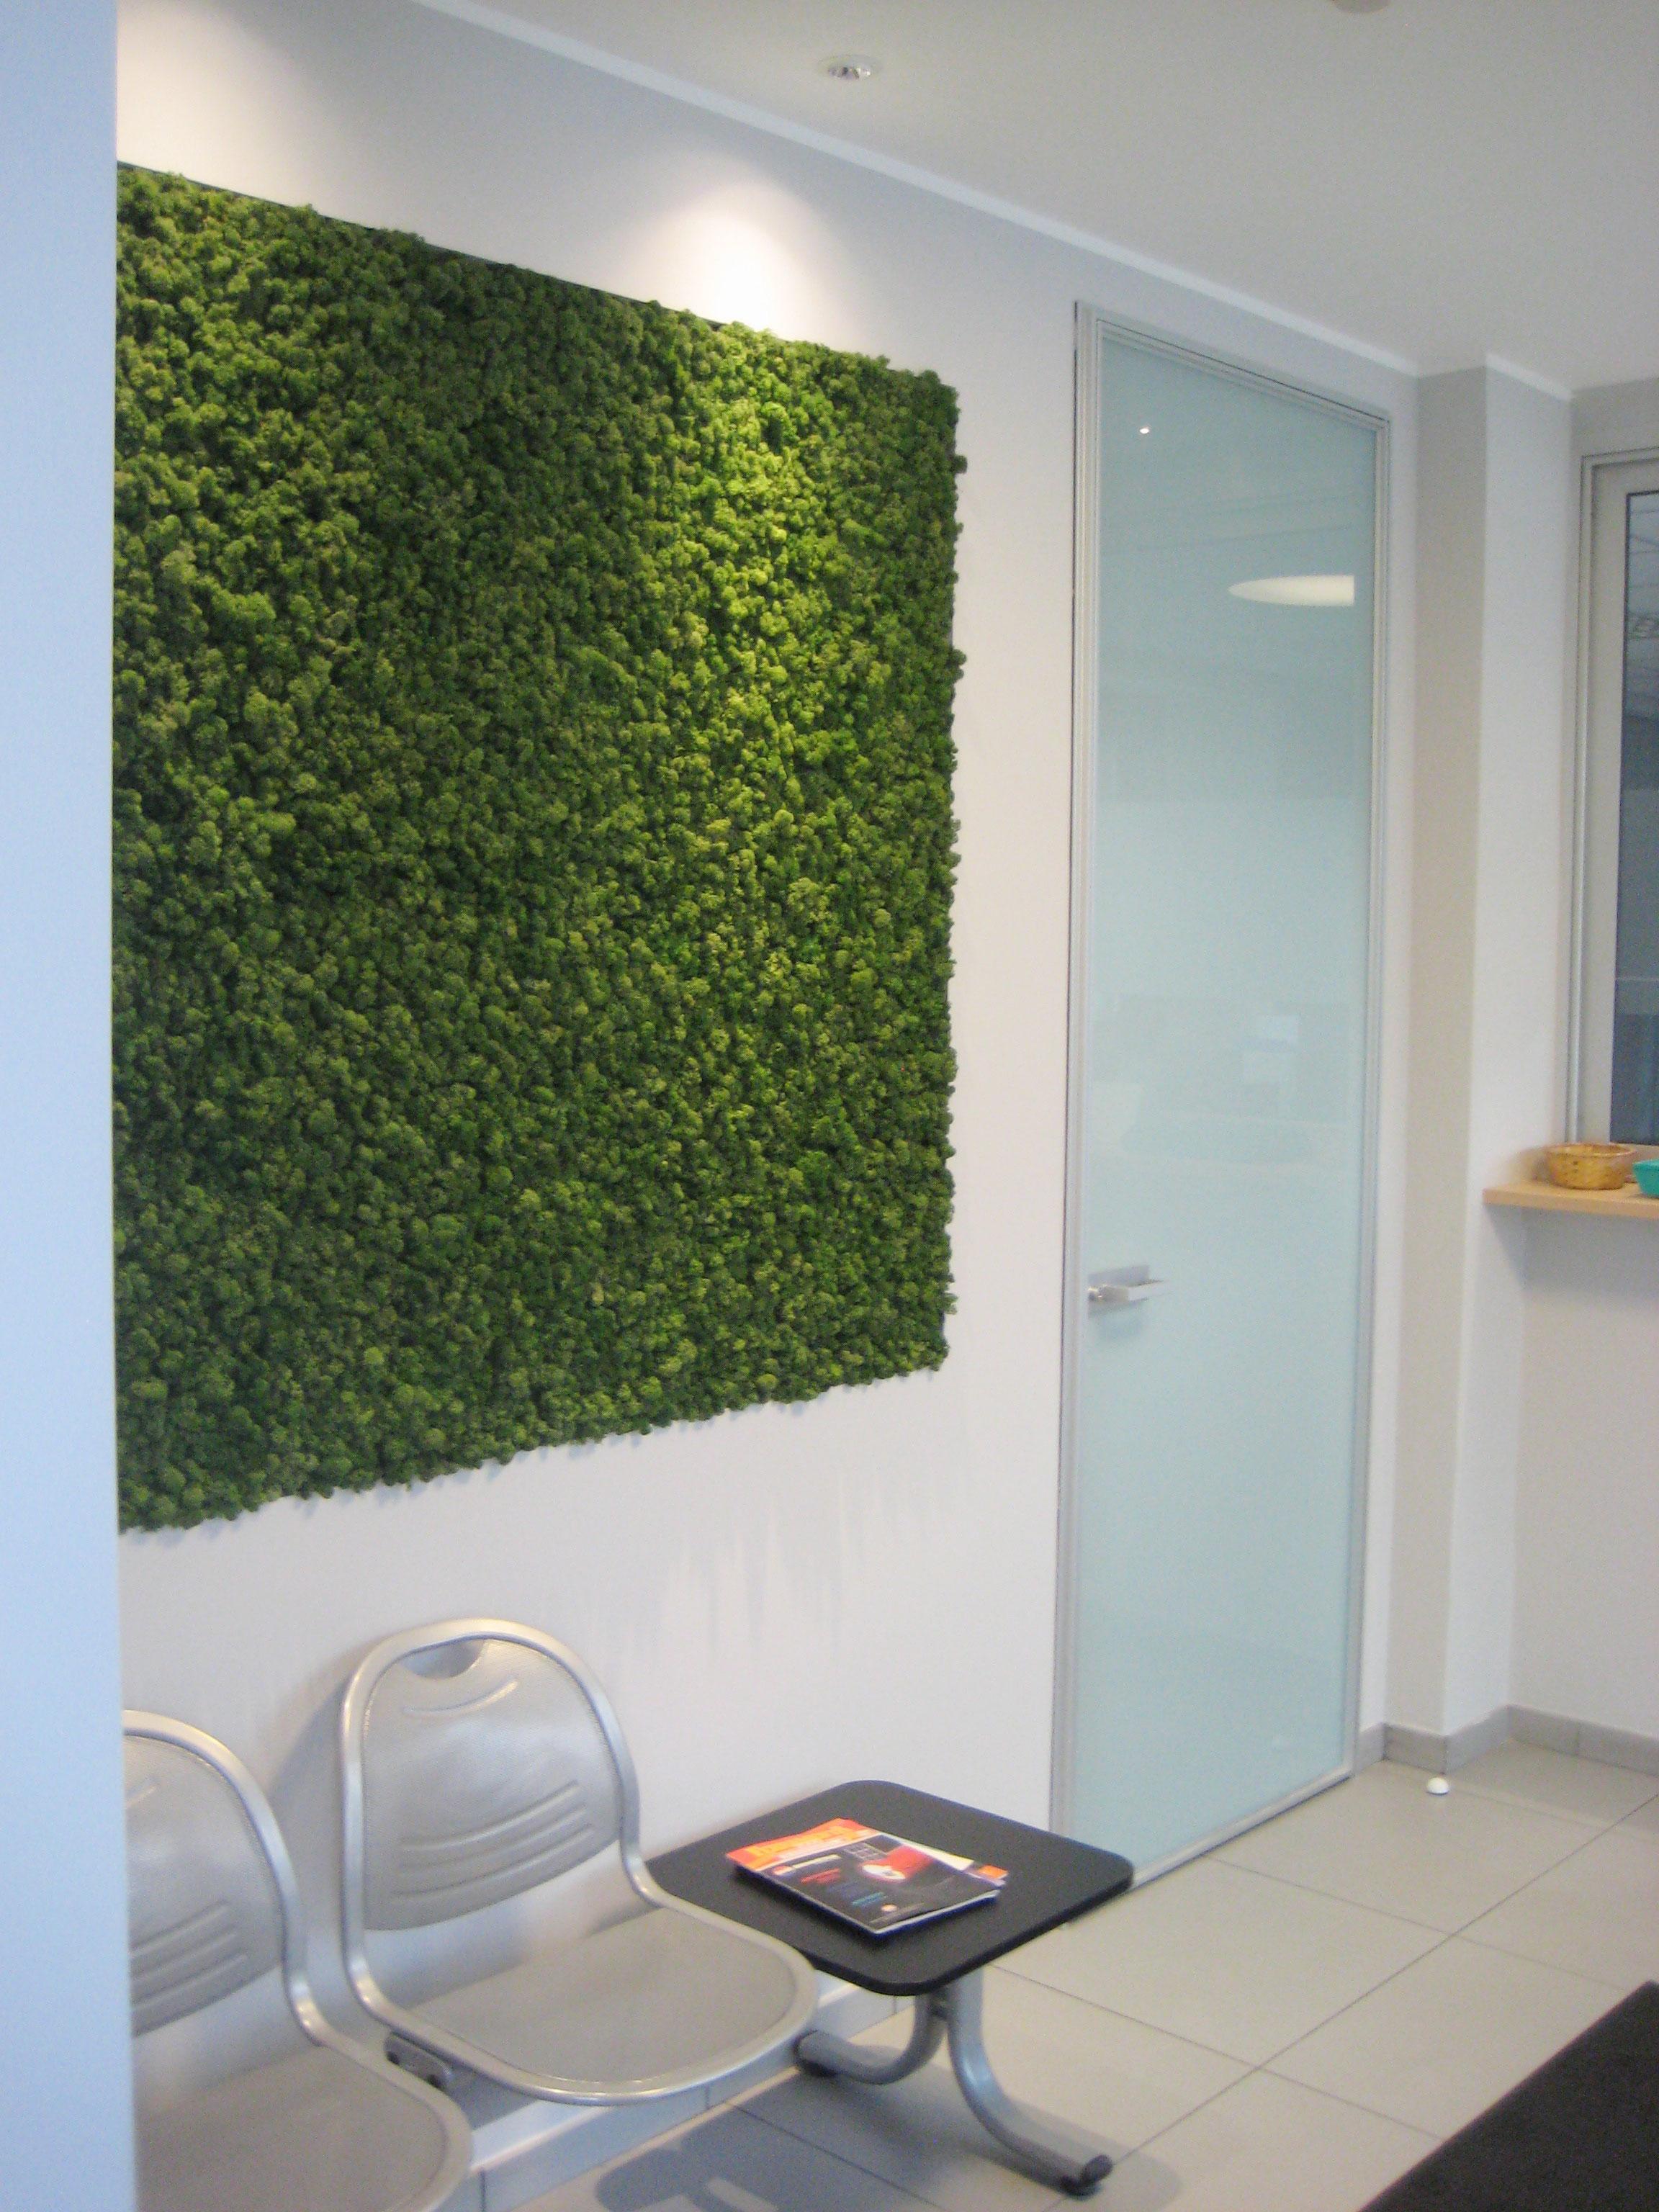 Interior design ufficio 8 tecnoin for Interior design ufficio